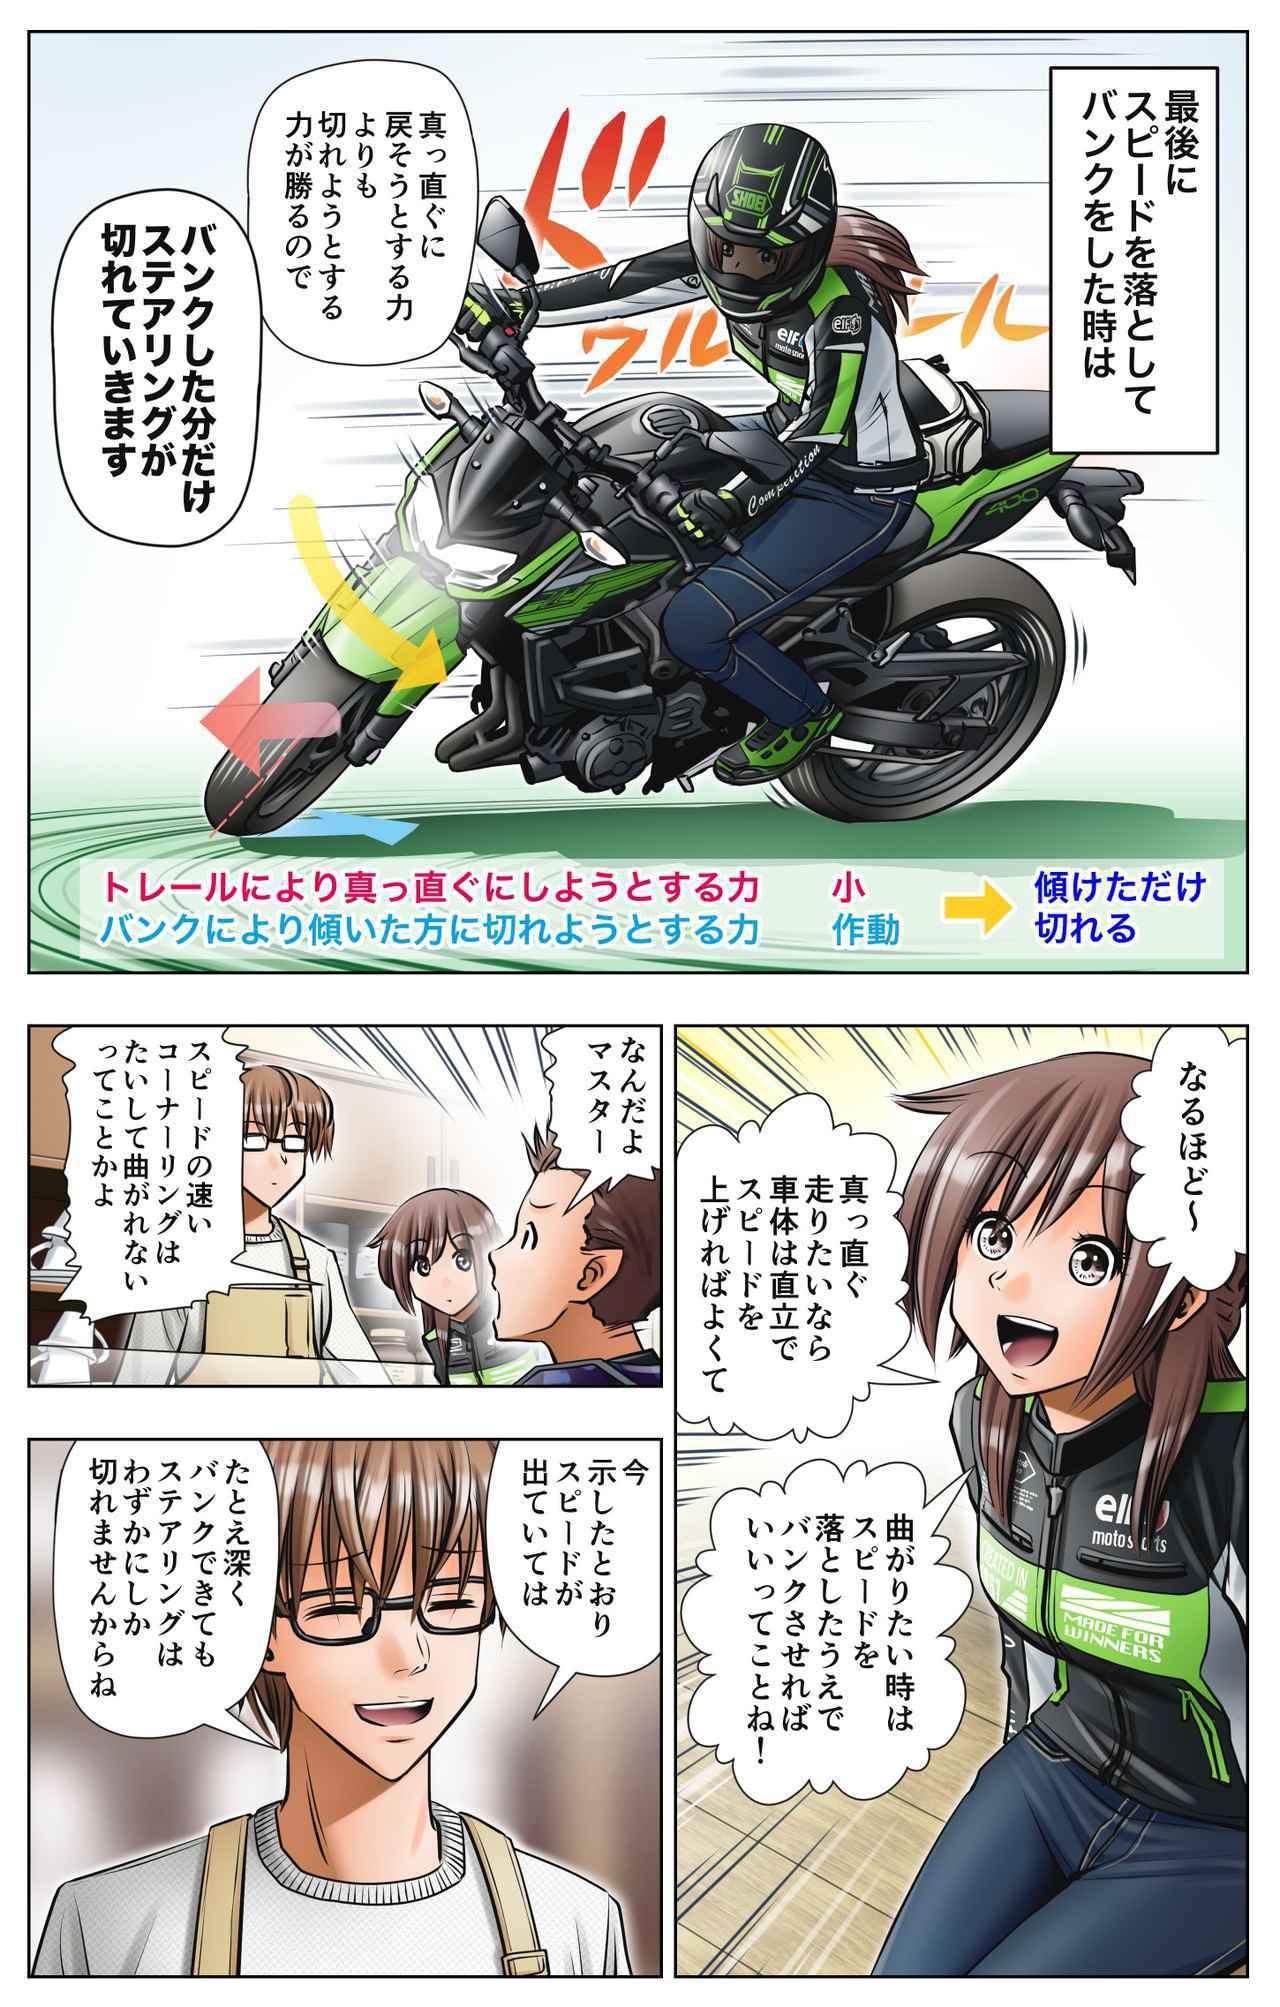 画像7: 第7話 スピードとバンク角/ゆる~くライテク談義『モトシーカーズ・カフェへようこそ!』